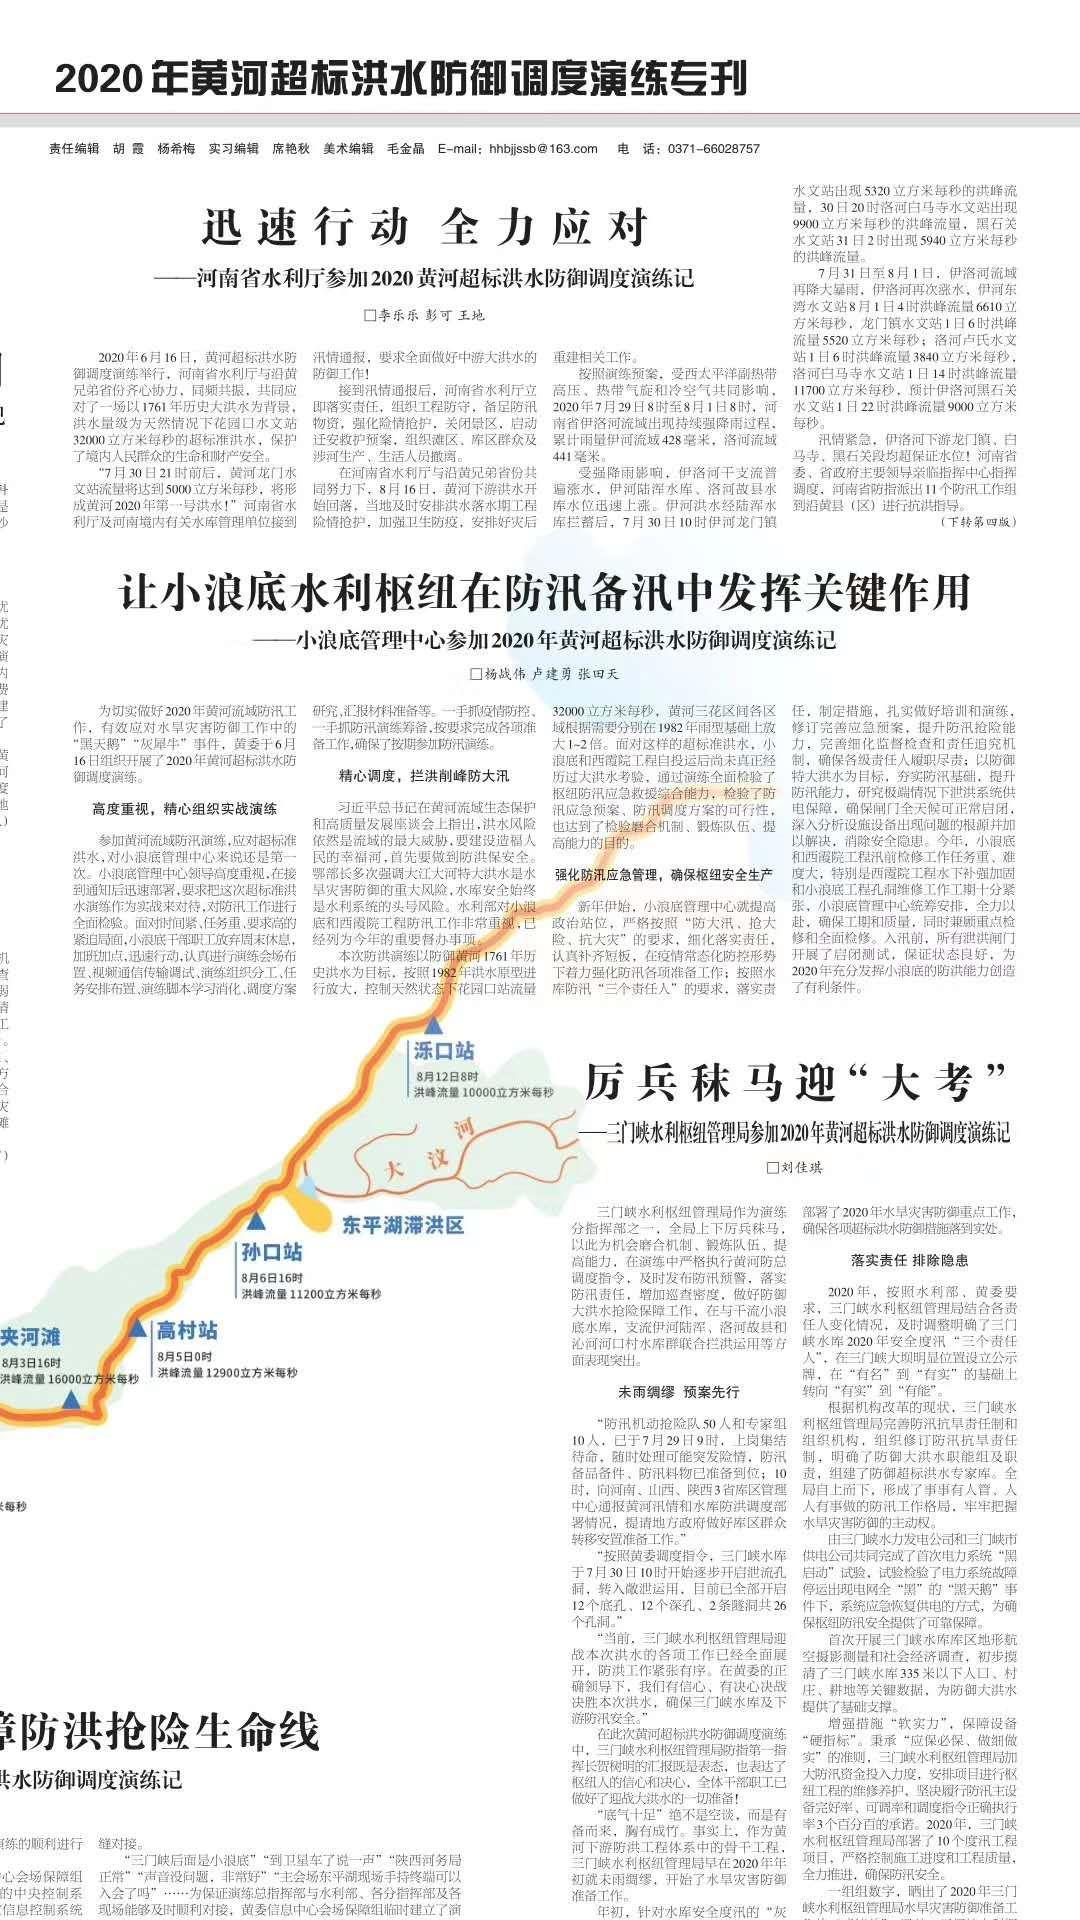 黄河报:迅速行动 全力应对——亚搏体育官网参加2020黄河超标洪水防御调度演练记